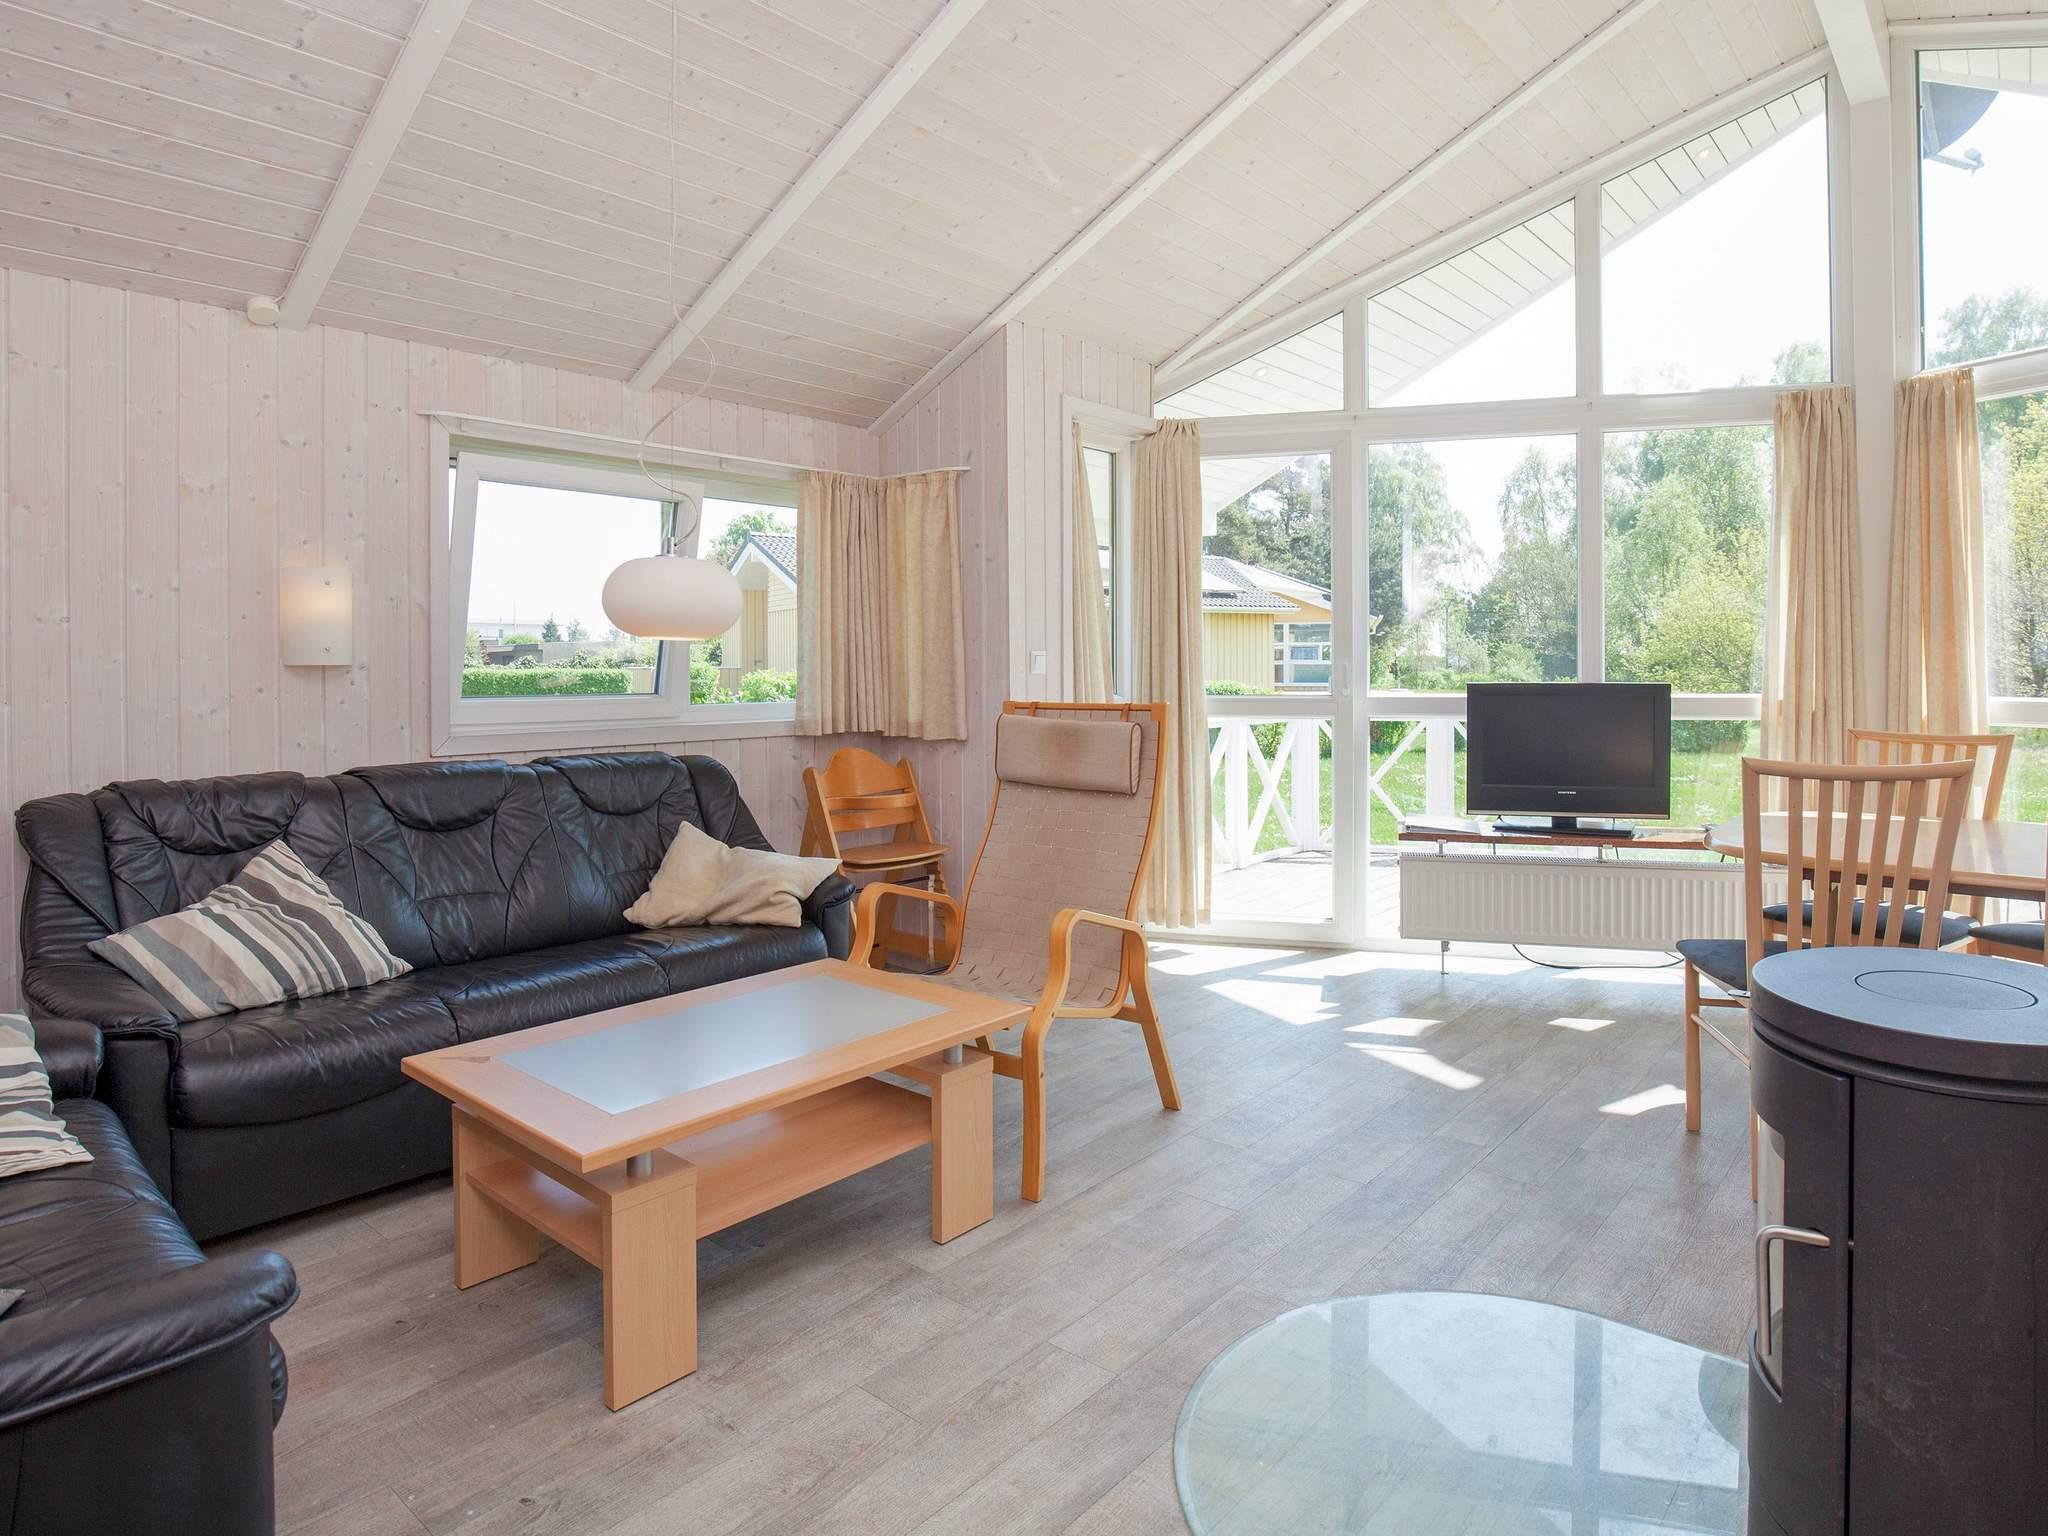 Maison de vacances Grömitz (316467), Grömitz, Baie de Lübeck, Schleswig-Holstein, Allemagne, image 2